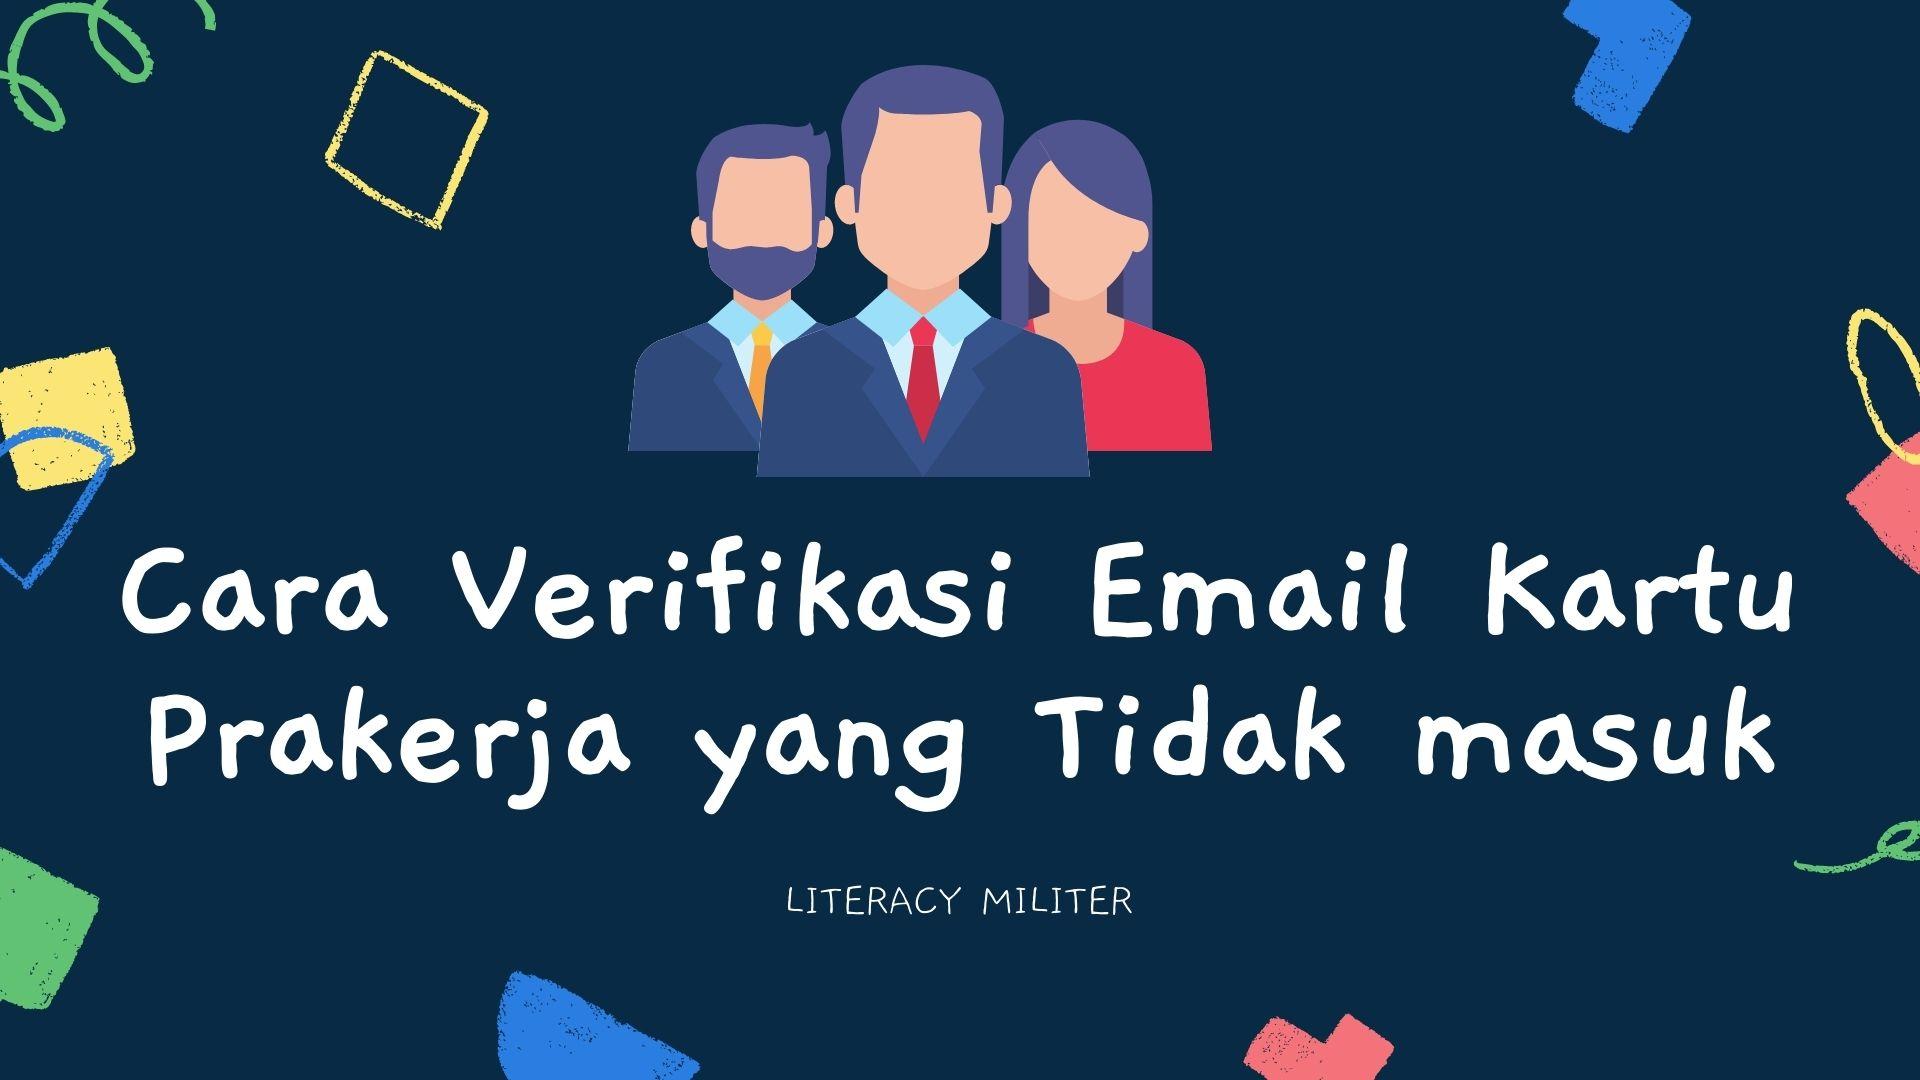 Cara Verifikasi Email Kartu Prakerja Tidak Masuk